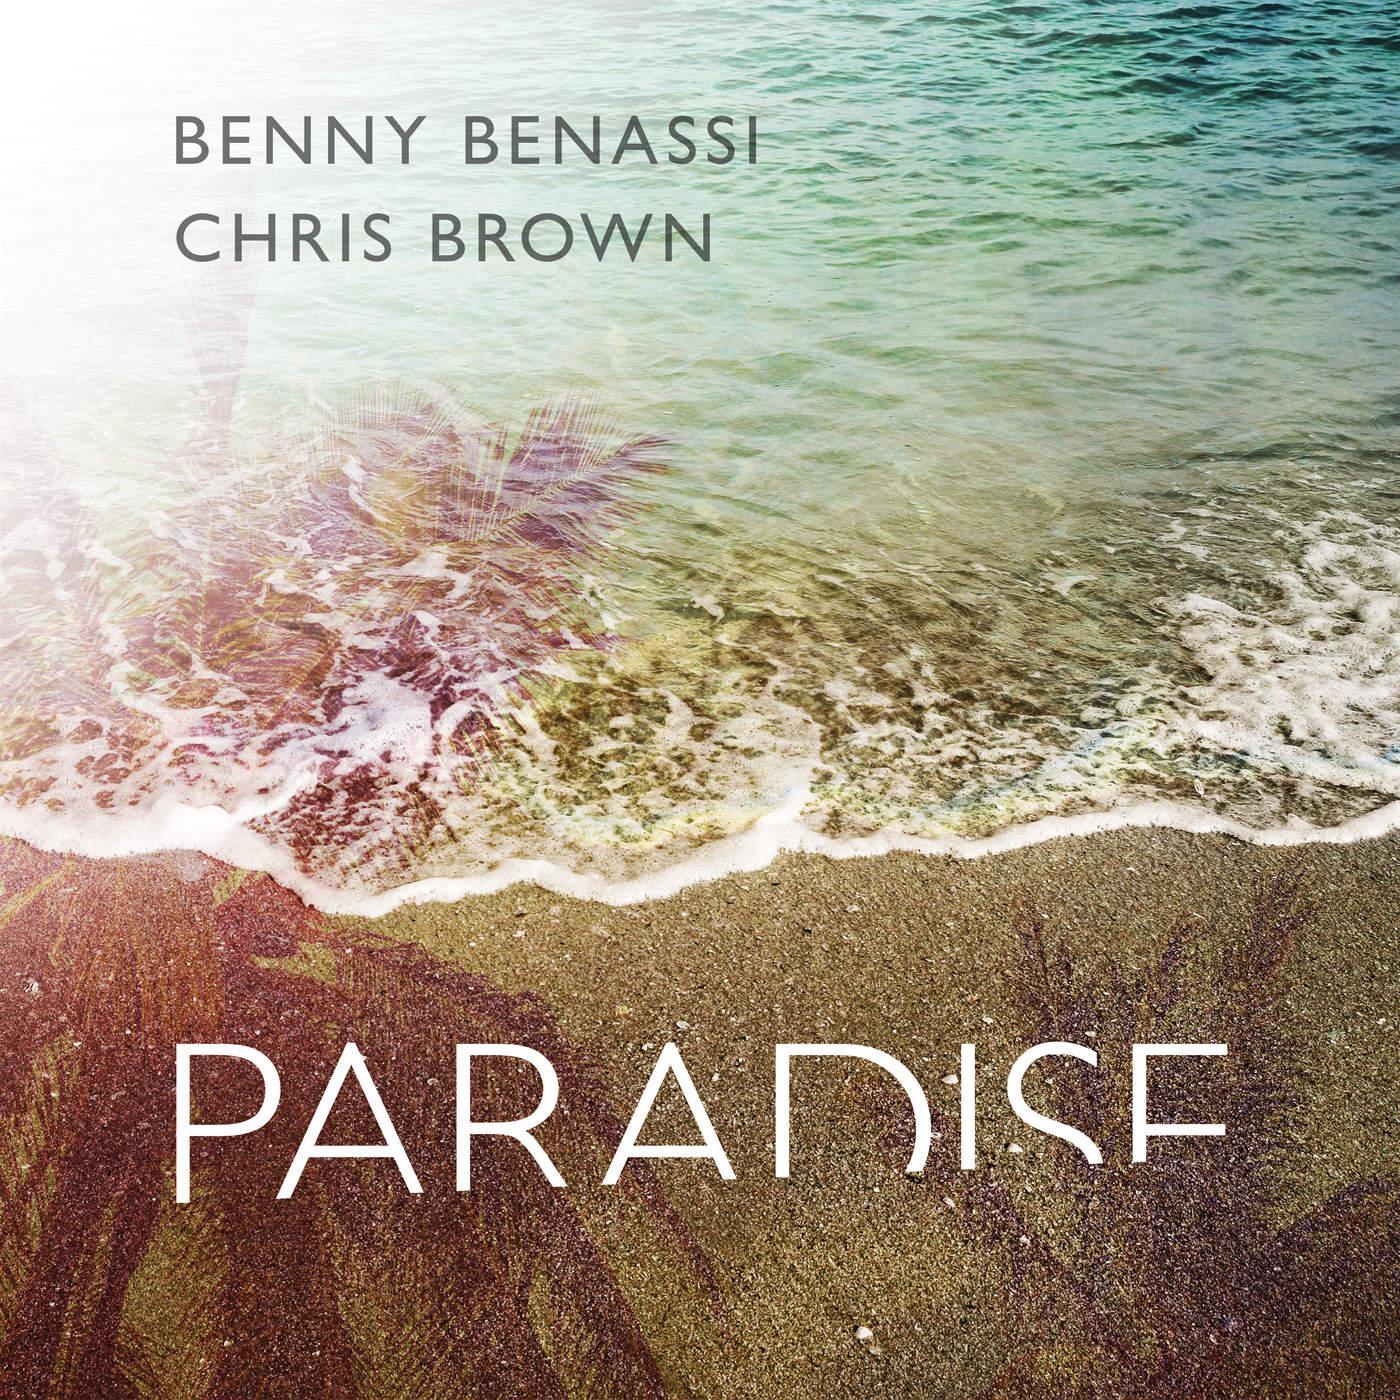 Download Lagu Benny Benassi Chris Brown Terbaru